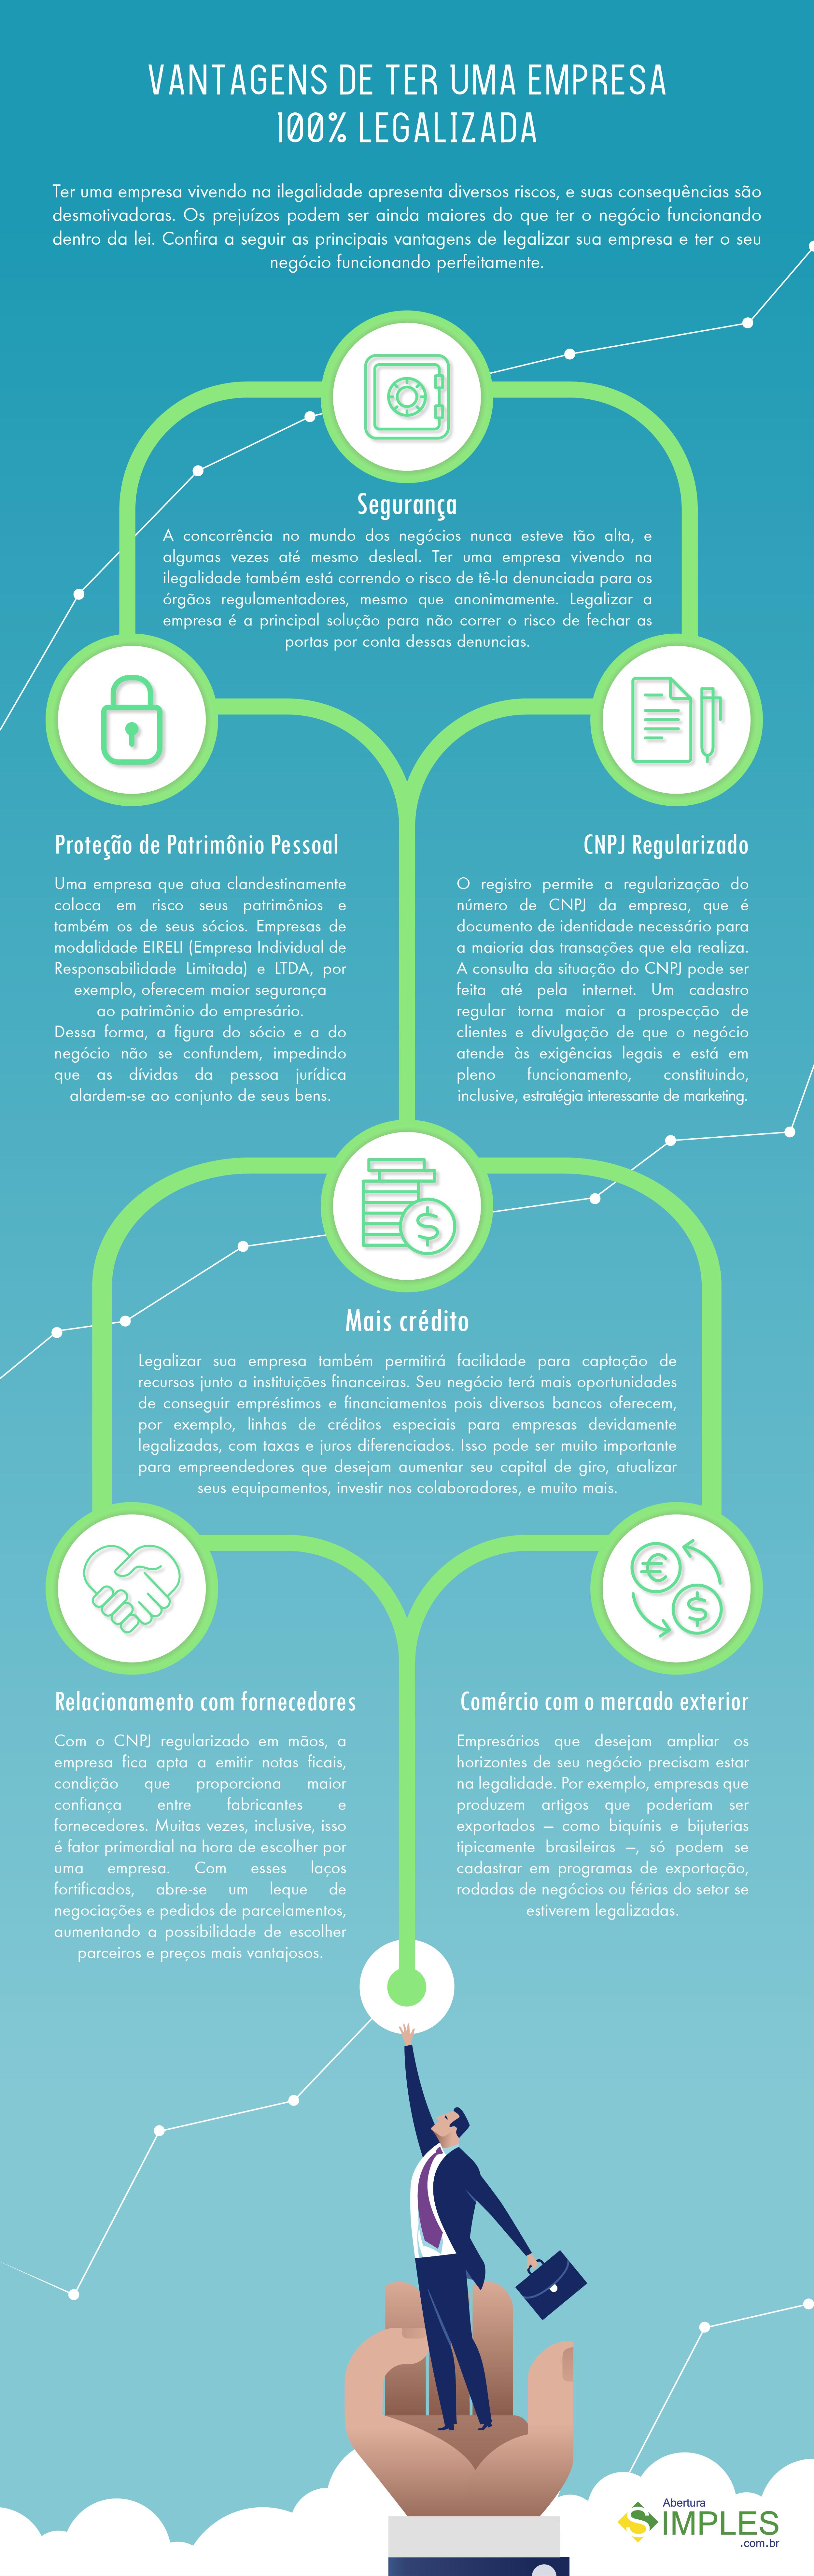 Infográfico explicativo de todos os benefícios de ter uma empresa regularizada